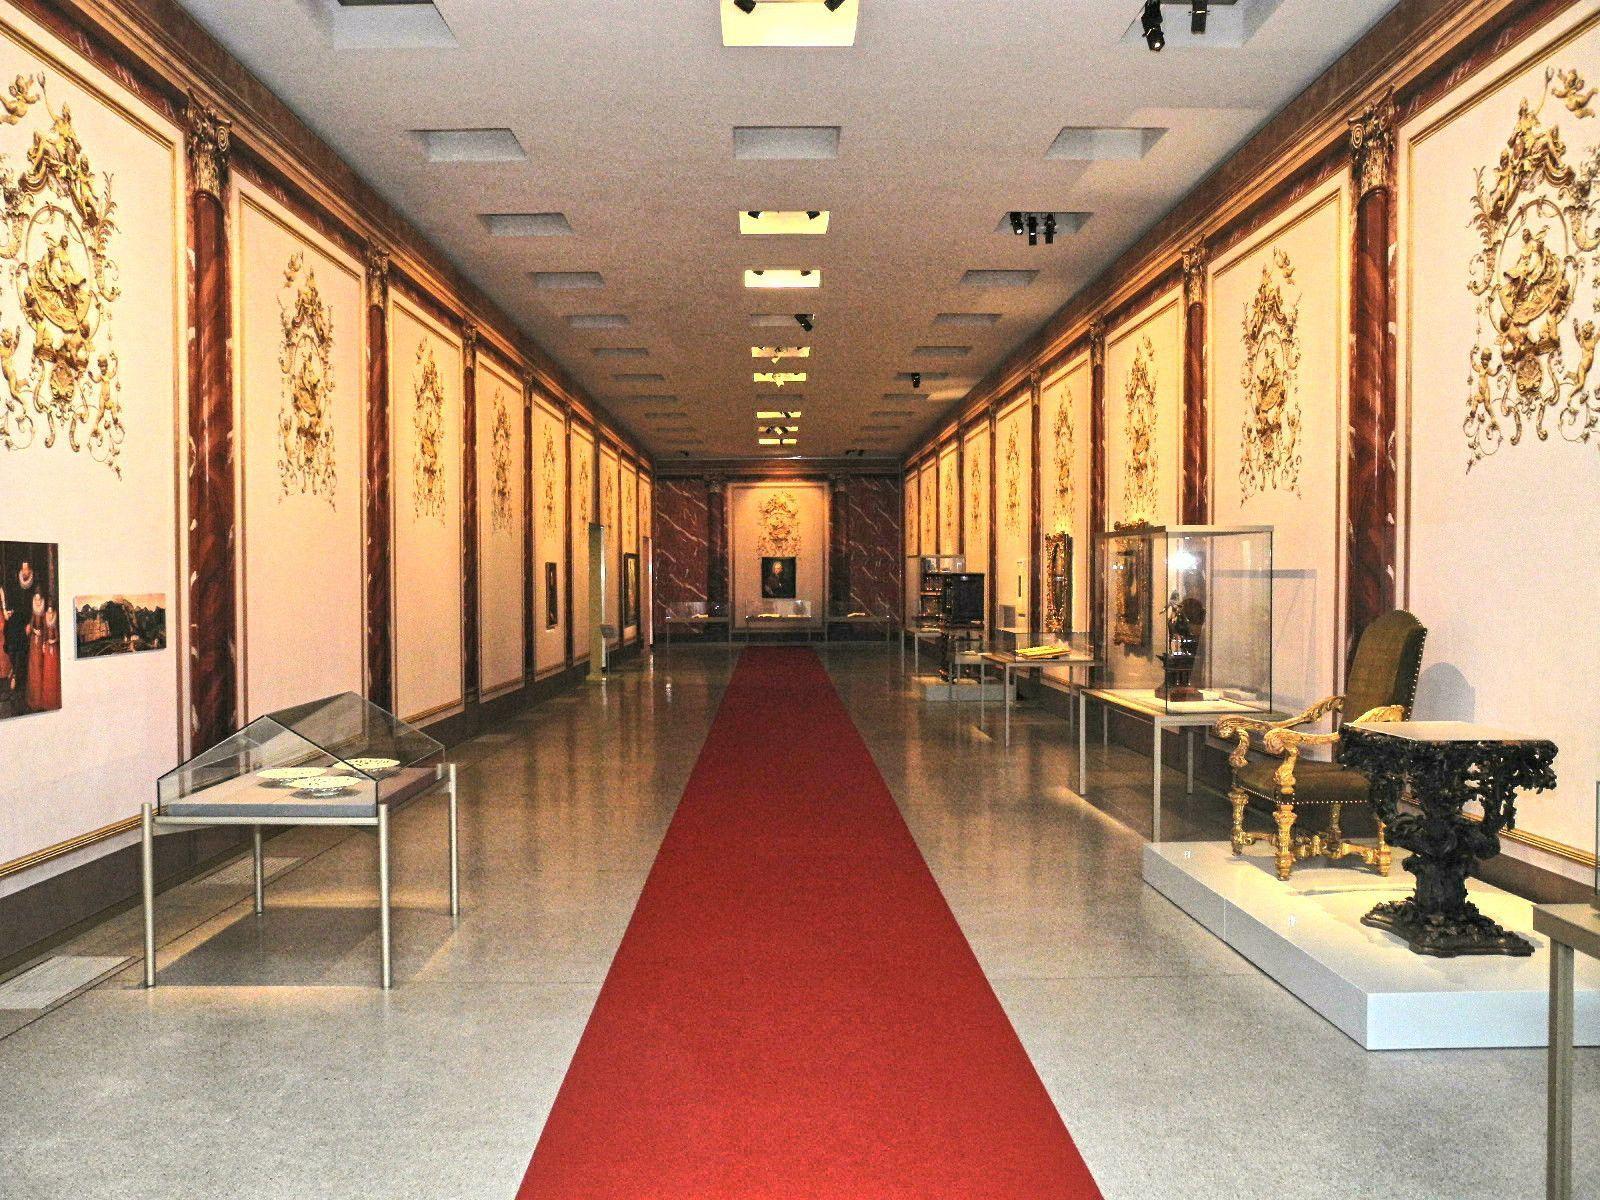 Der rote Teppich dient als Faden durch die Geschichte das Werden des Fürstentum Liechtenstein im Landesmuseum